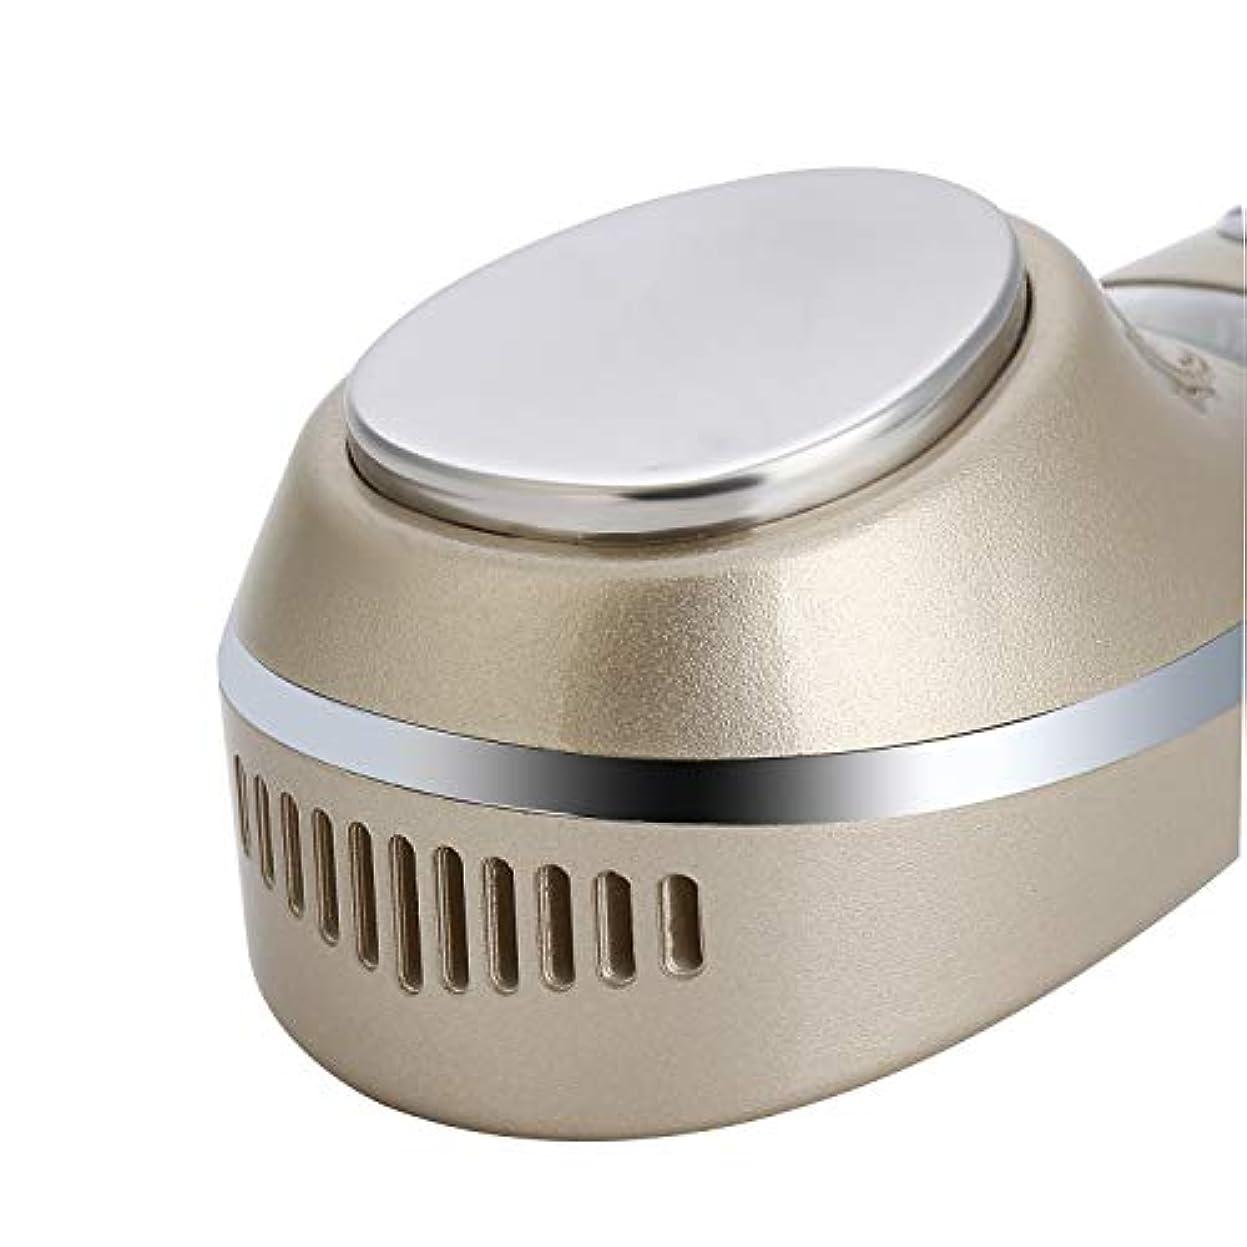 アクセント貢献面USBの美機械の熱い風邪rの顔のマッサージャーの皮は気孔の収縮をきつく締めます